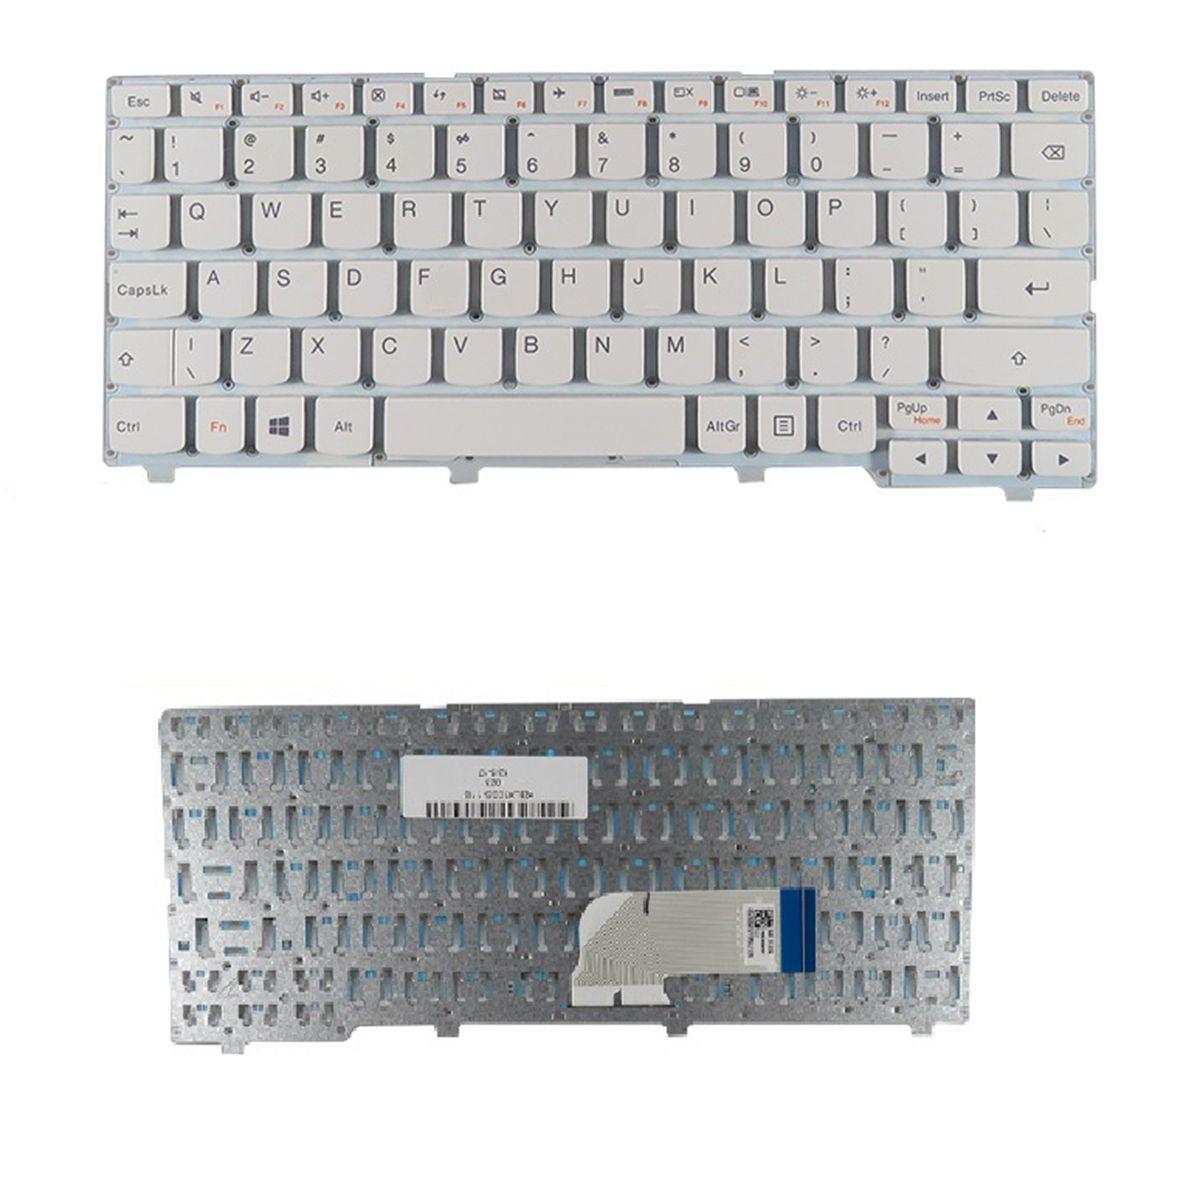 Yeni İngilizce Dizüstü Klavye Lenovo Ideapad 100 100s-11iby Beyaz Onarım Klavye ABD